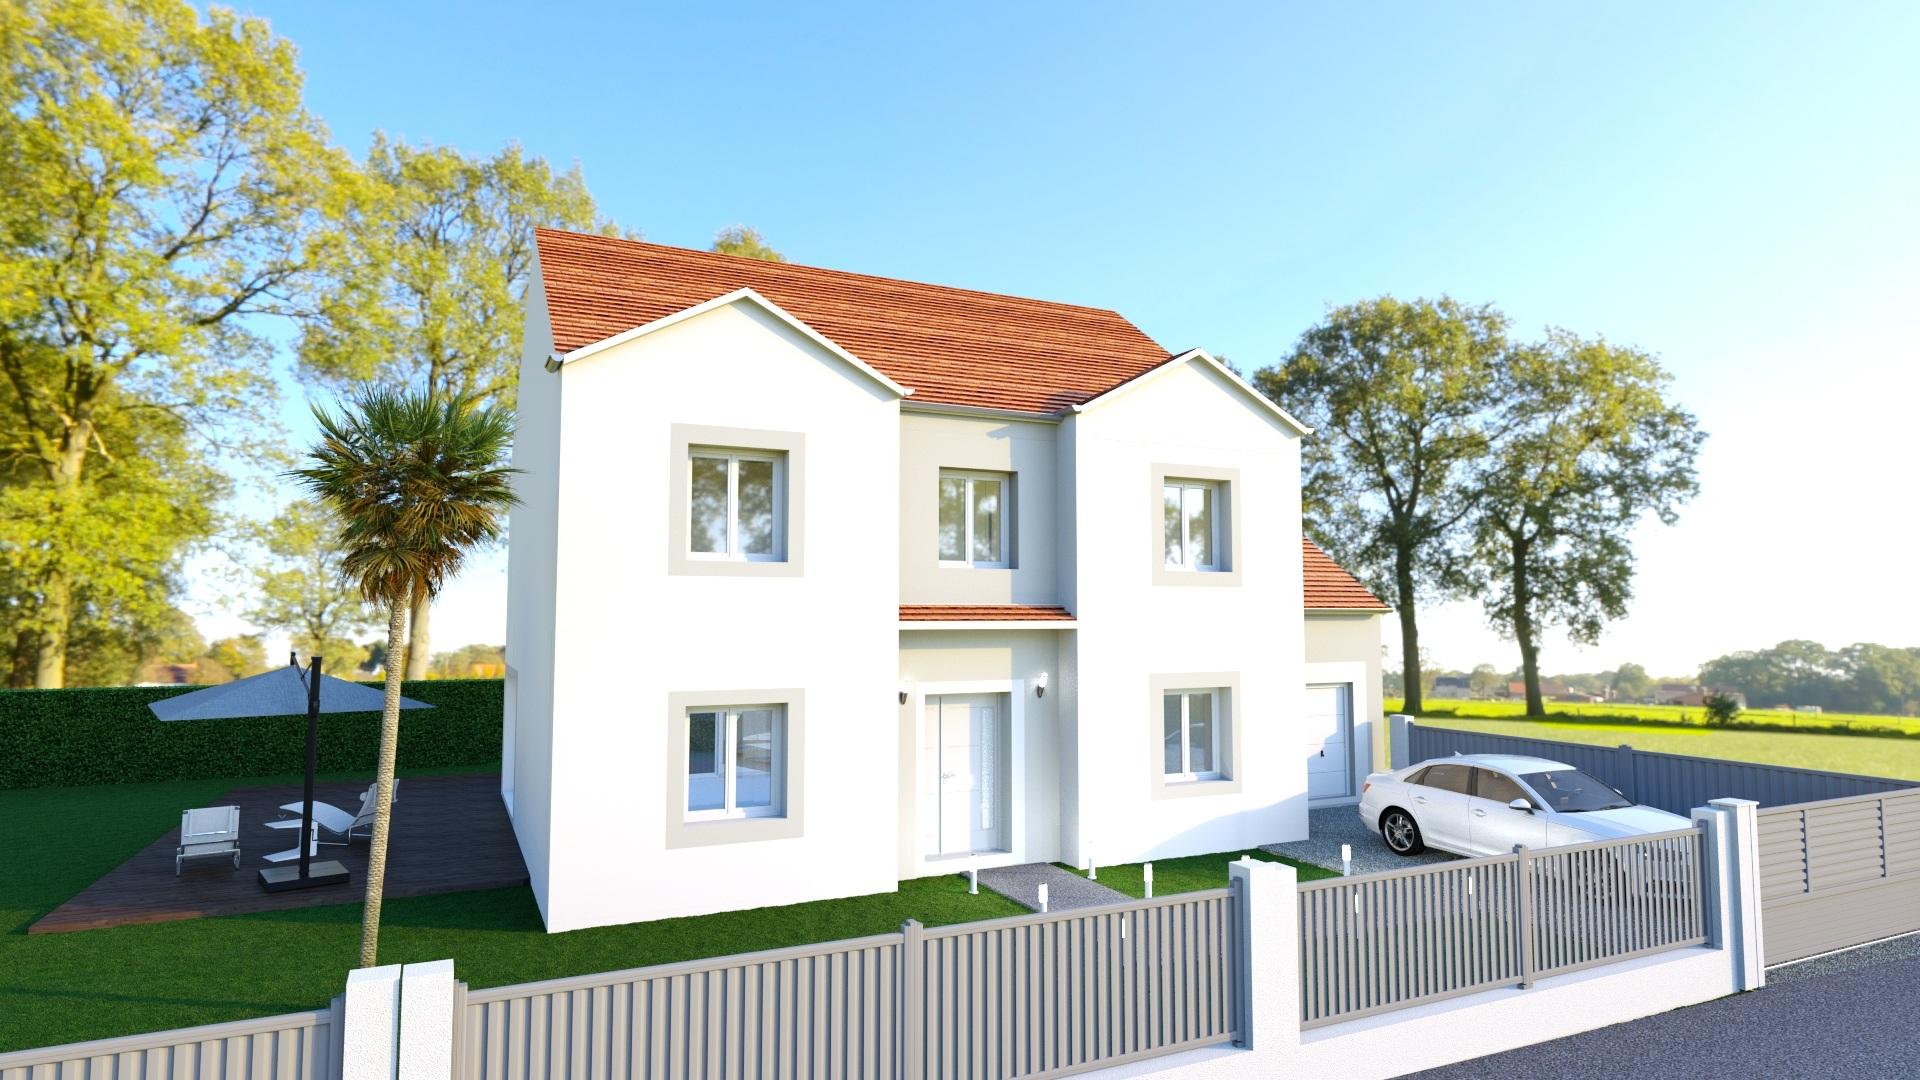 Maisons + Terrains du constructeur MAISON FAMILIALE • 150 m² • CHELLES